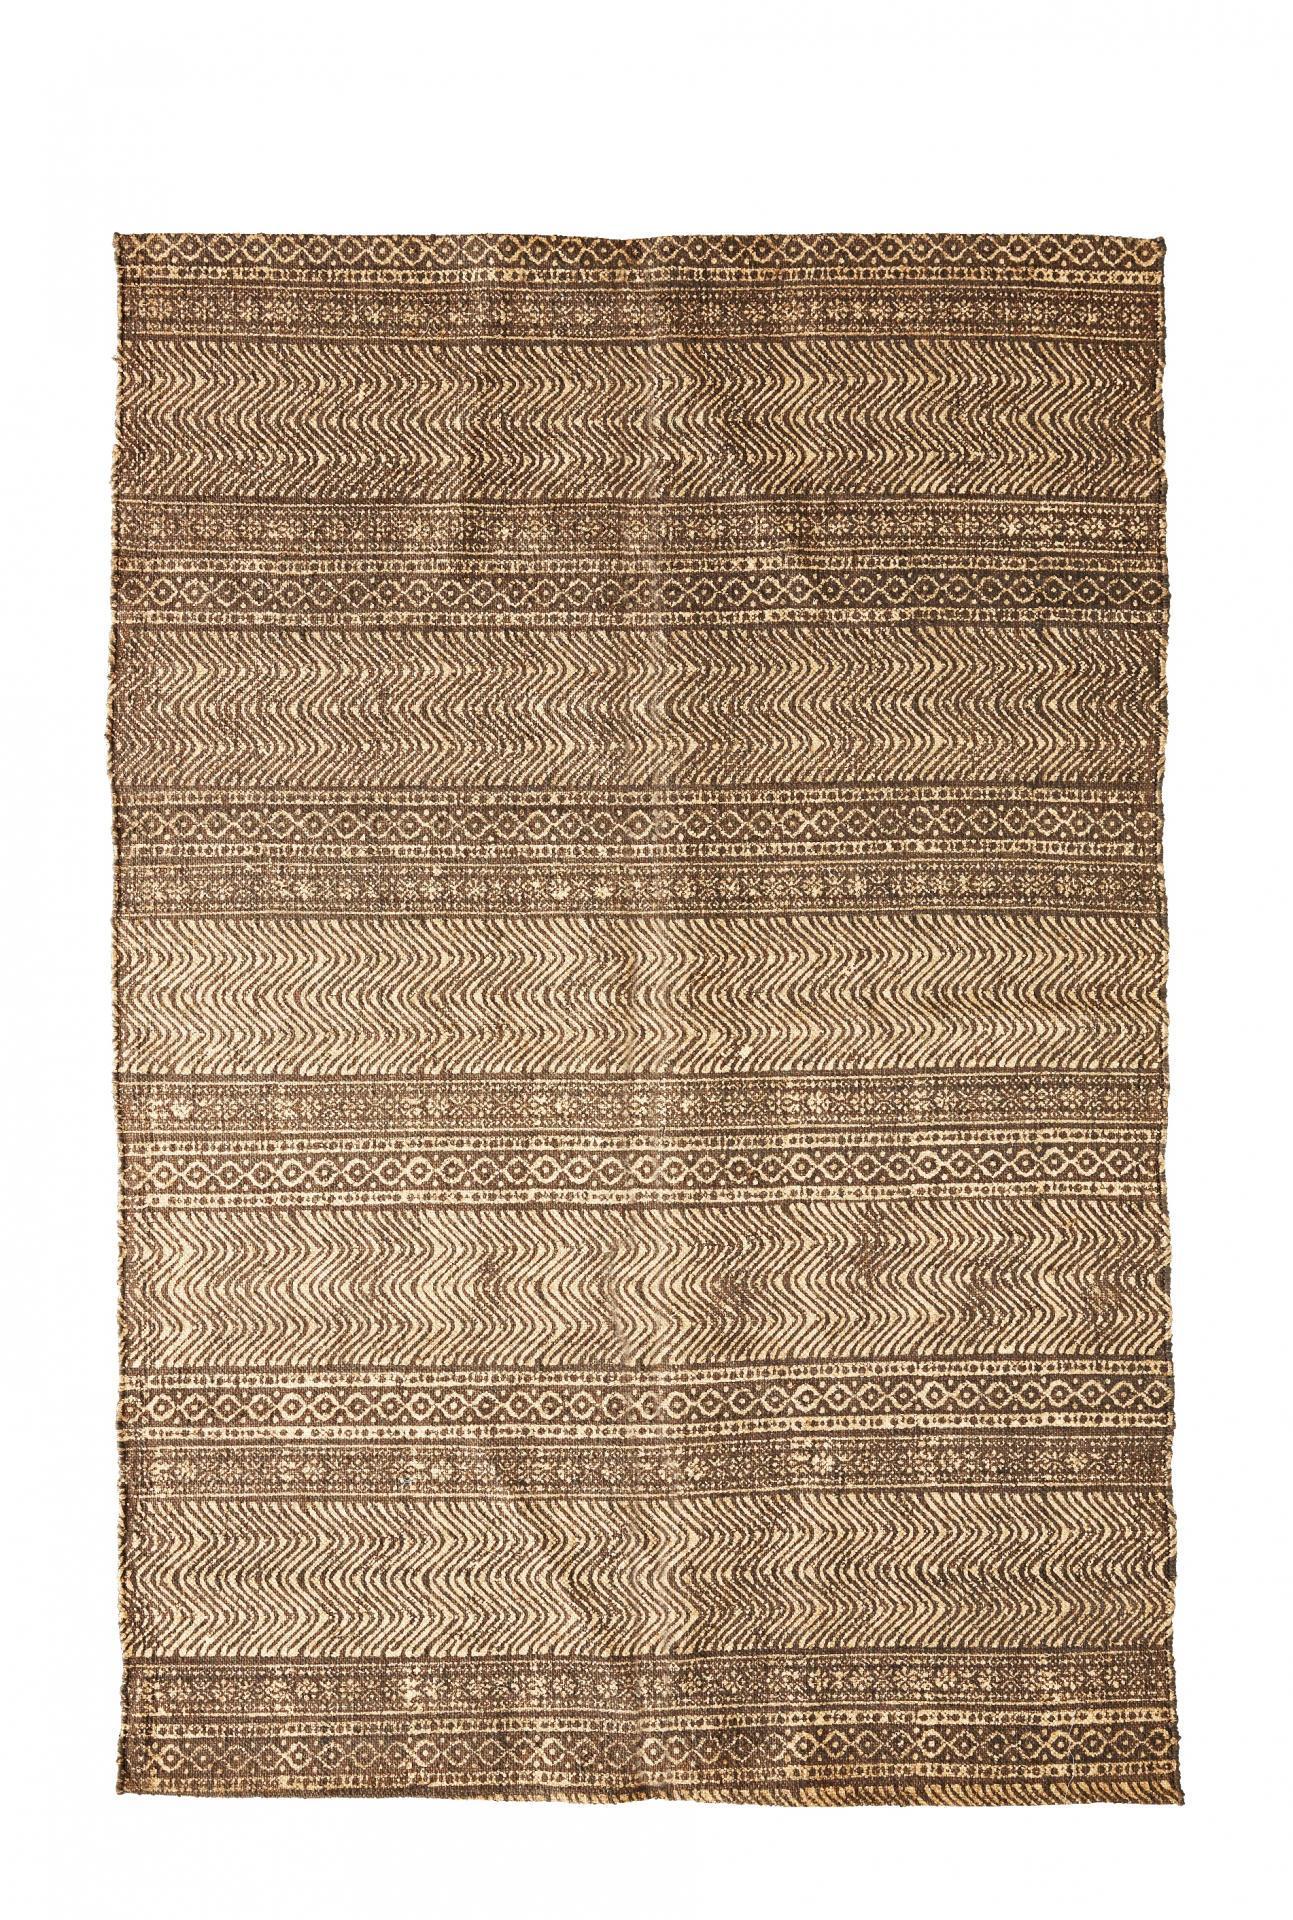 MADAM STOLTZ Ručně tkaný koberec Printed gold 120x180, zlatá barva, textil